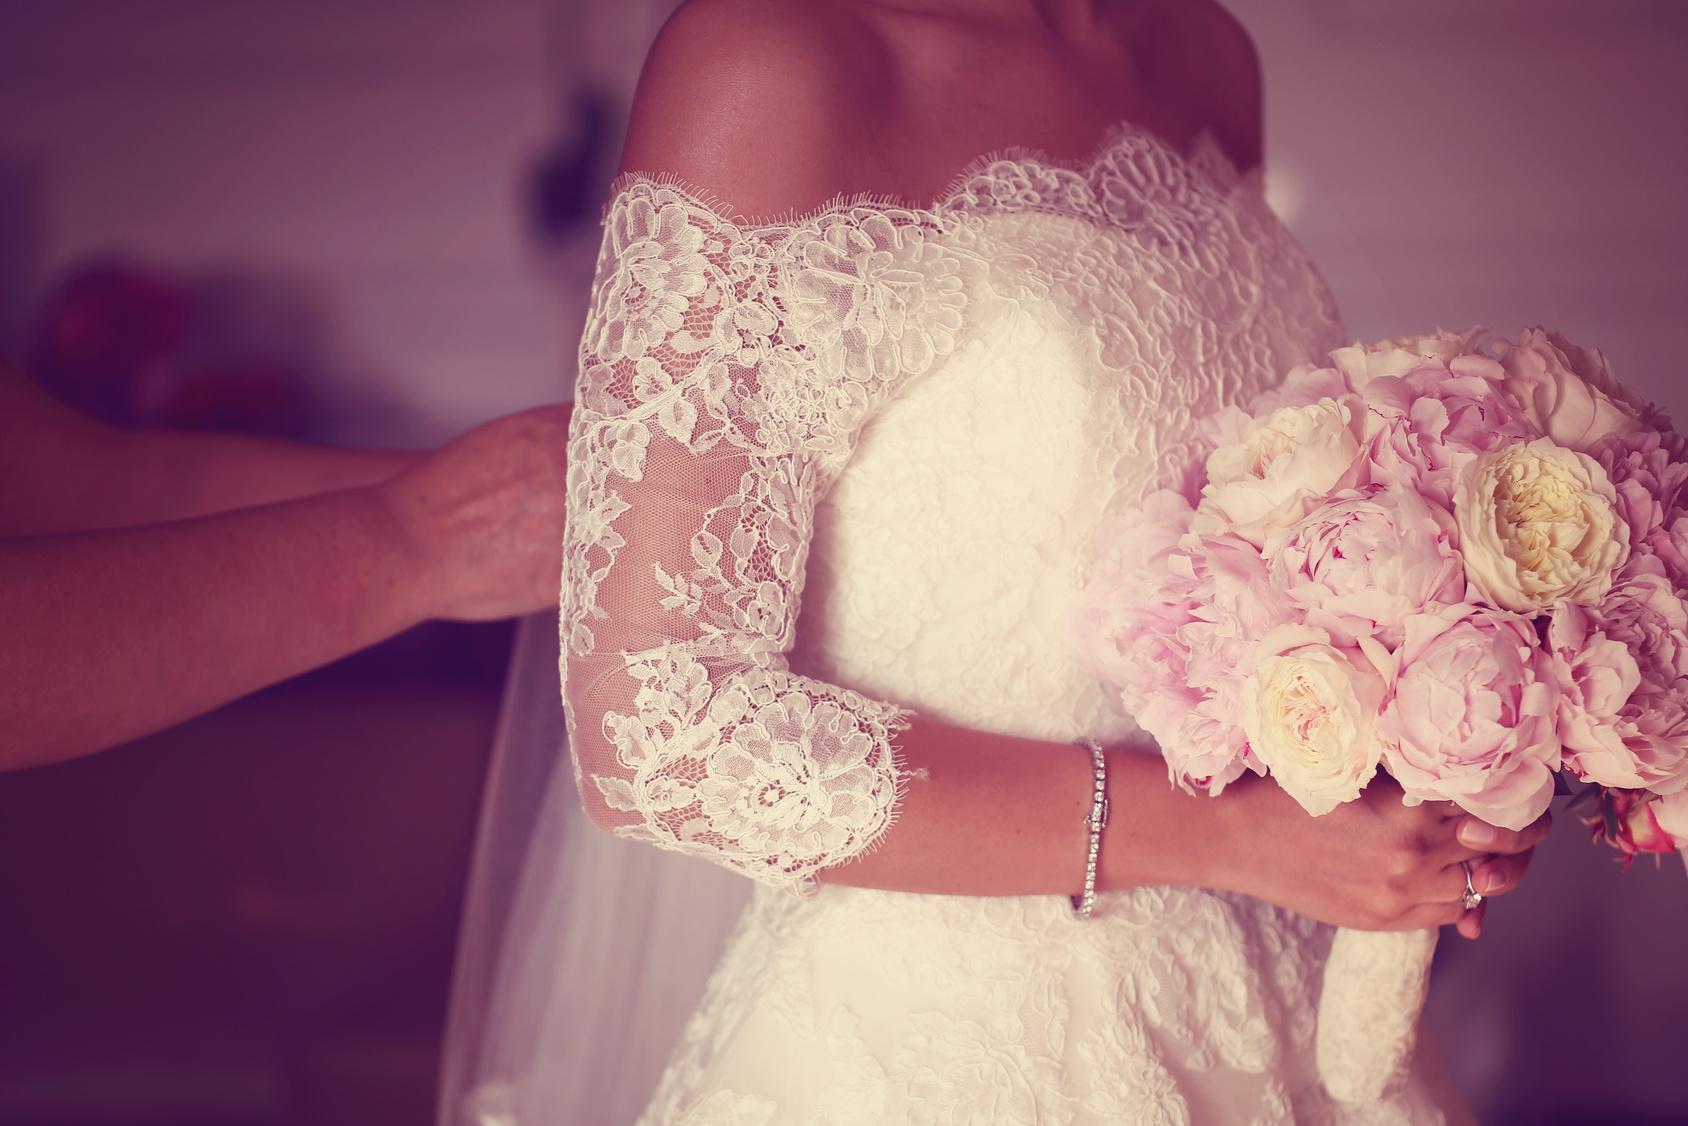 Panna Młoda podczas przygotowań z bukietem kwiatów, Panna Młda trzymająca bukiet z białych peonii, Panna Młoda w koronkowej sukience z bukietem w ręku